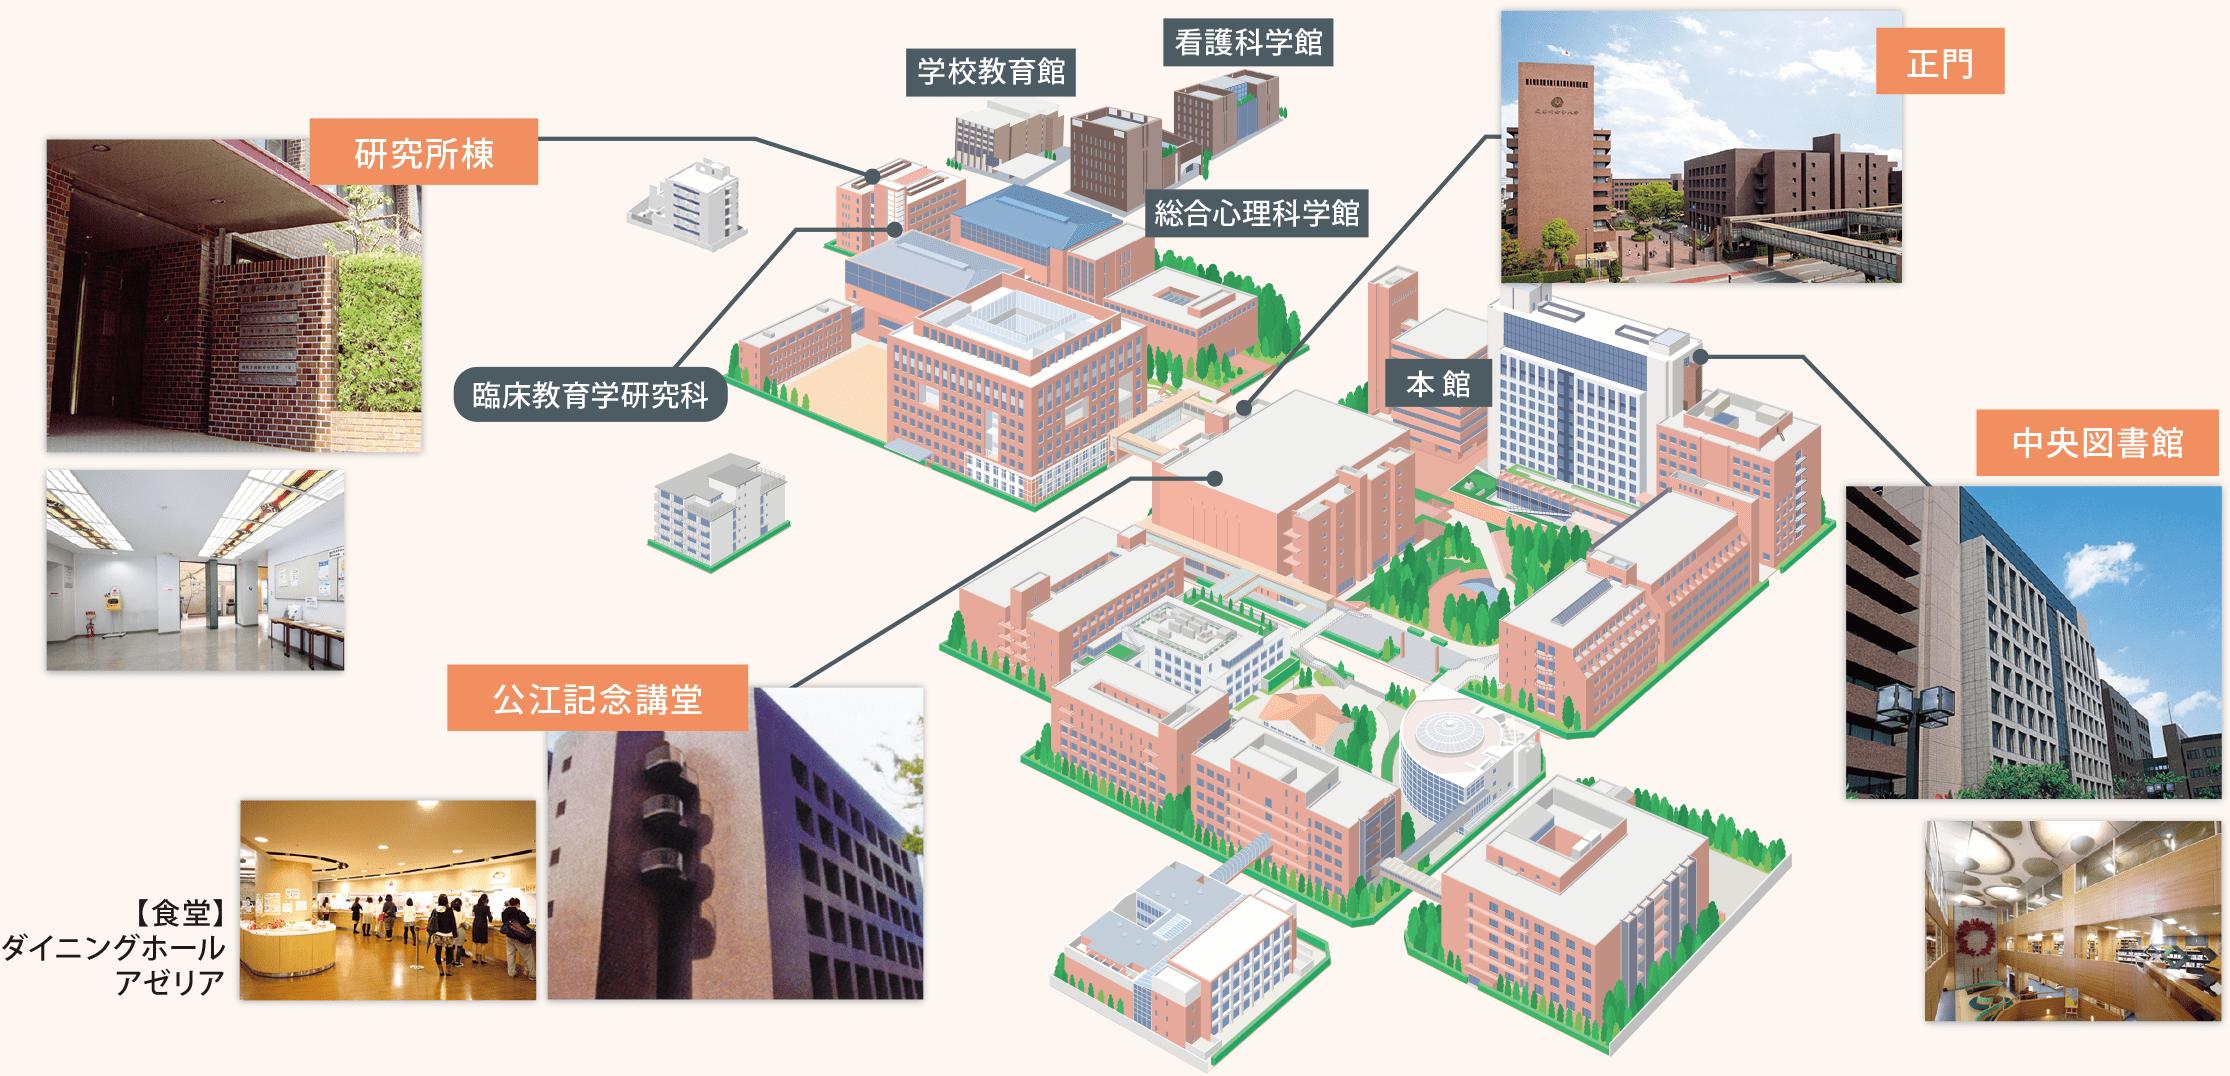 中央キャンパス図